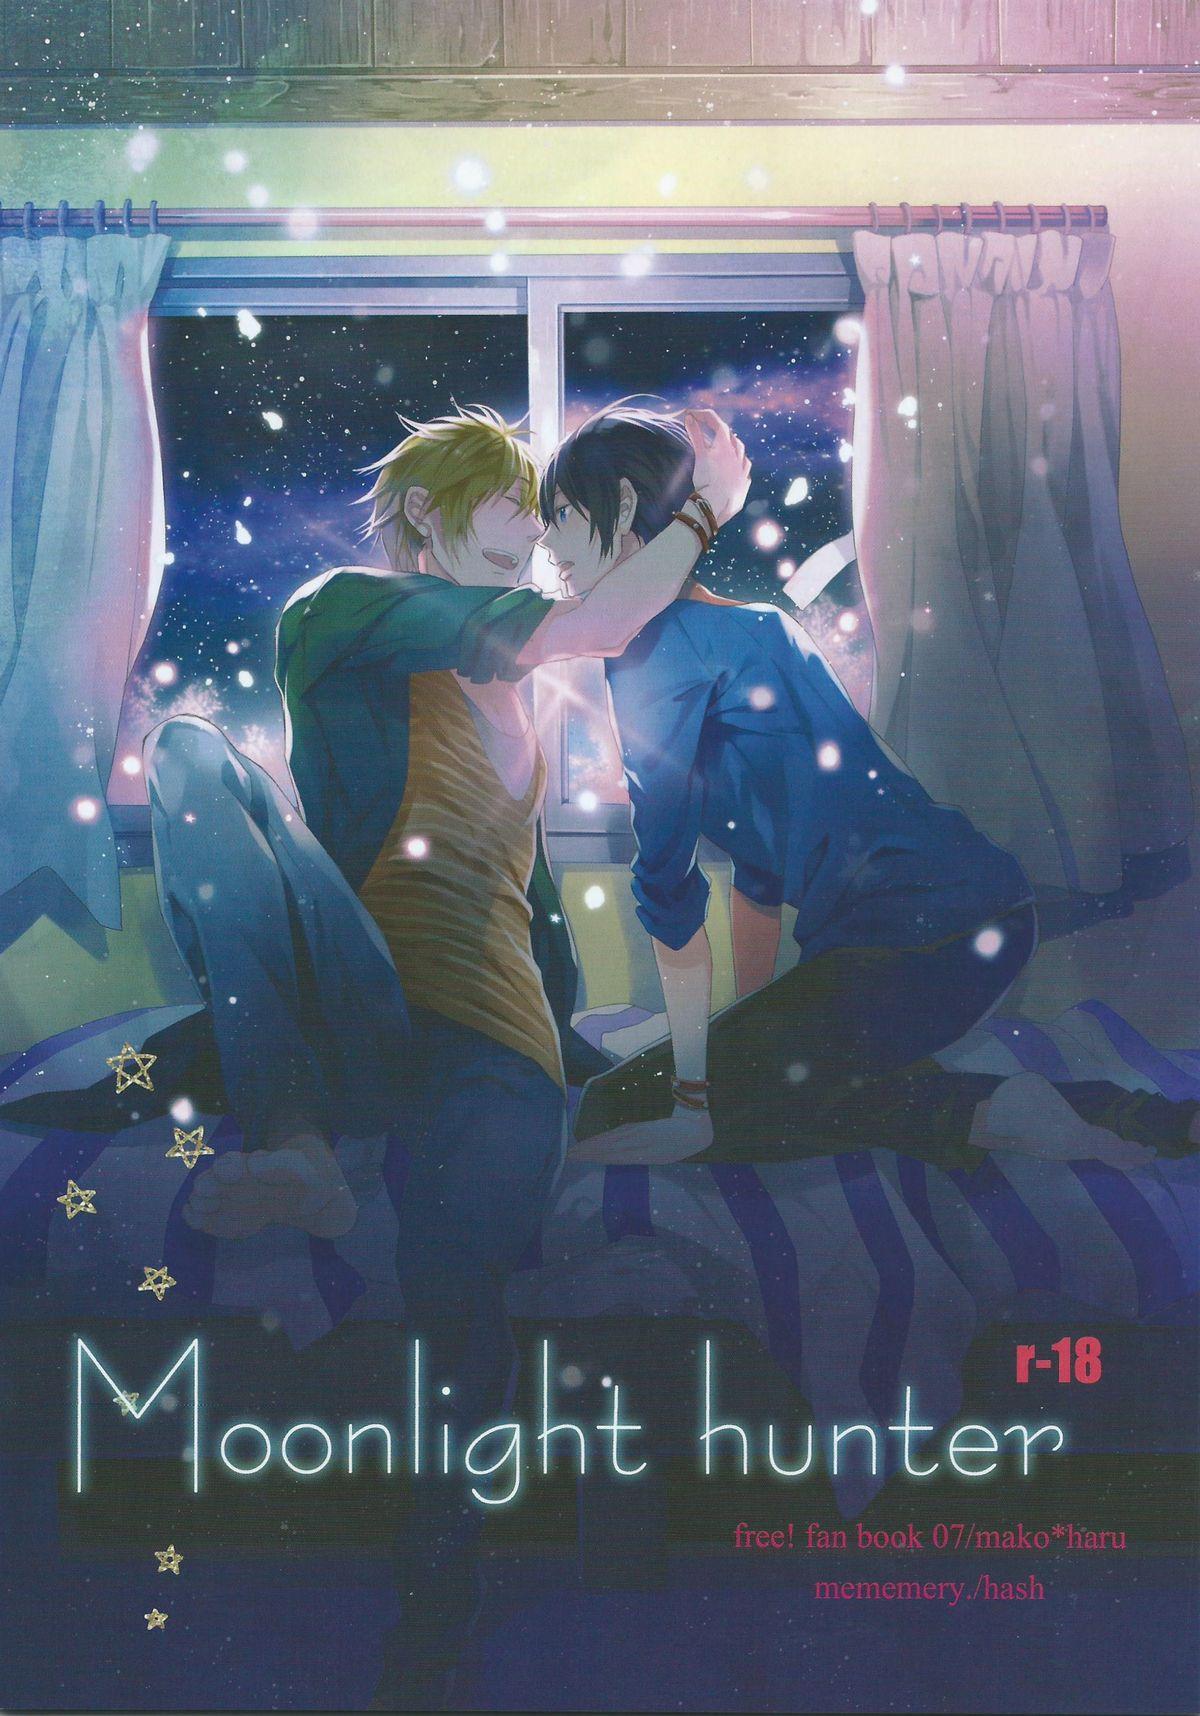 Moonlight hunter 0